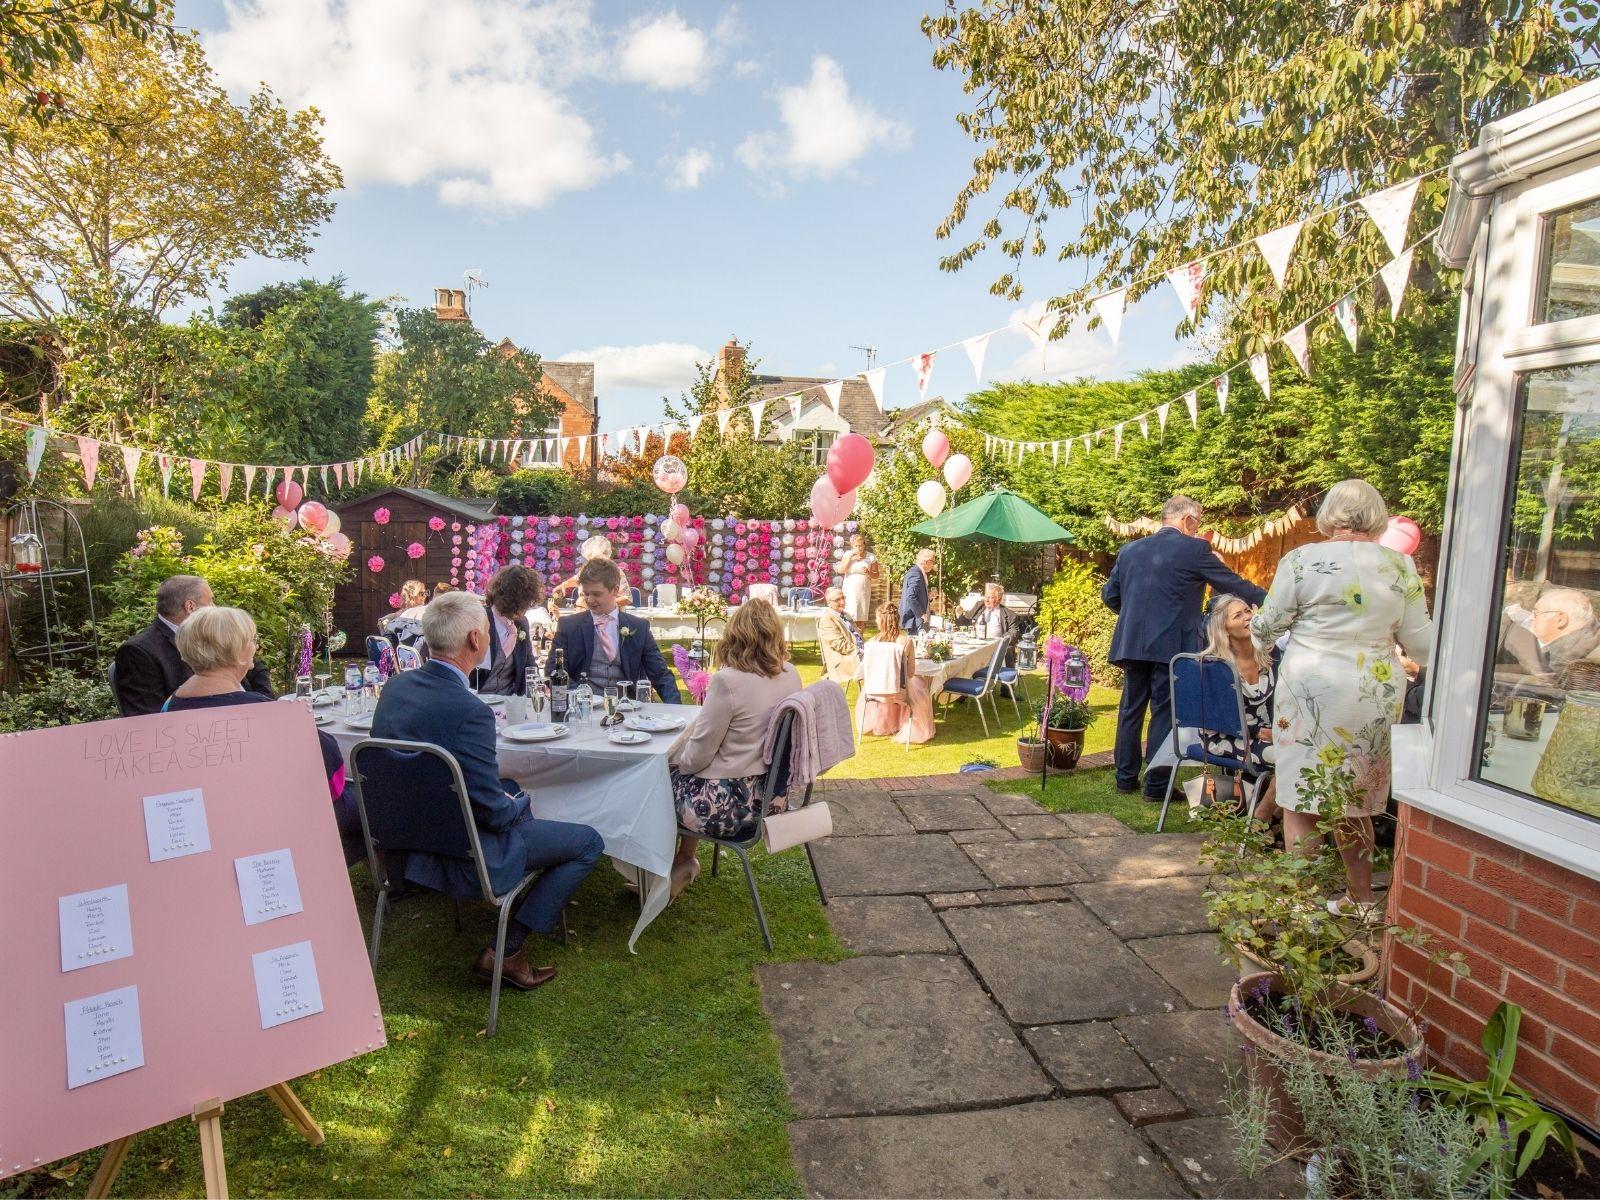 Rachel's wedding in her parents' back garden